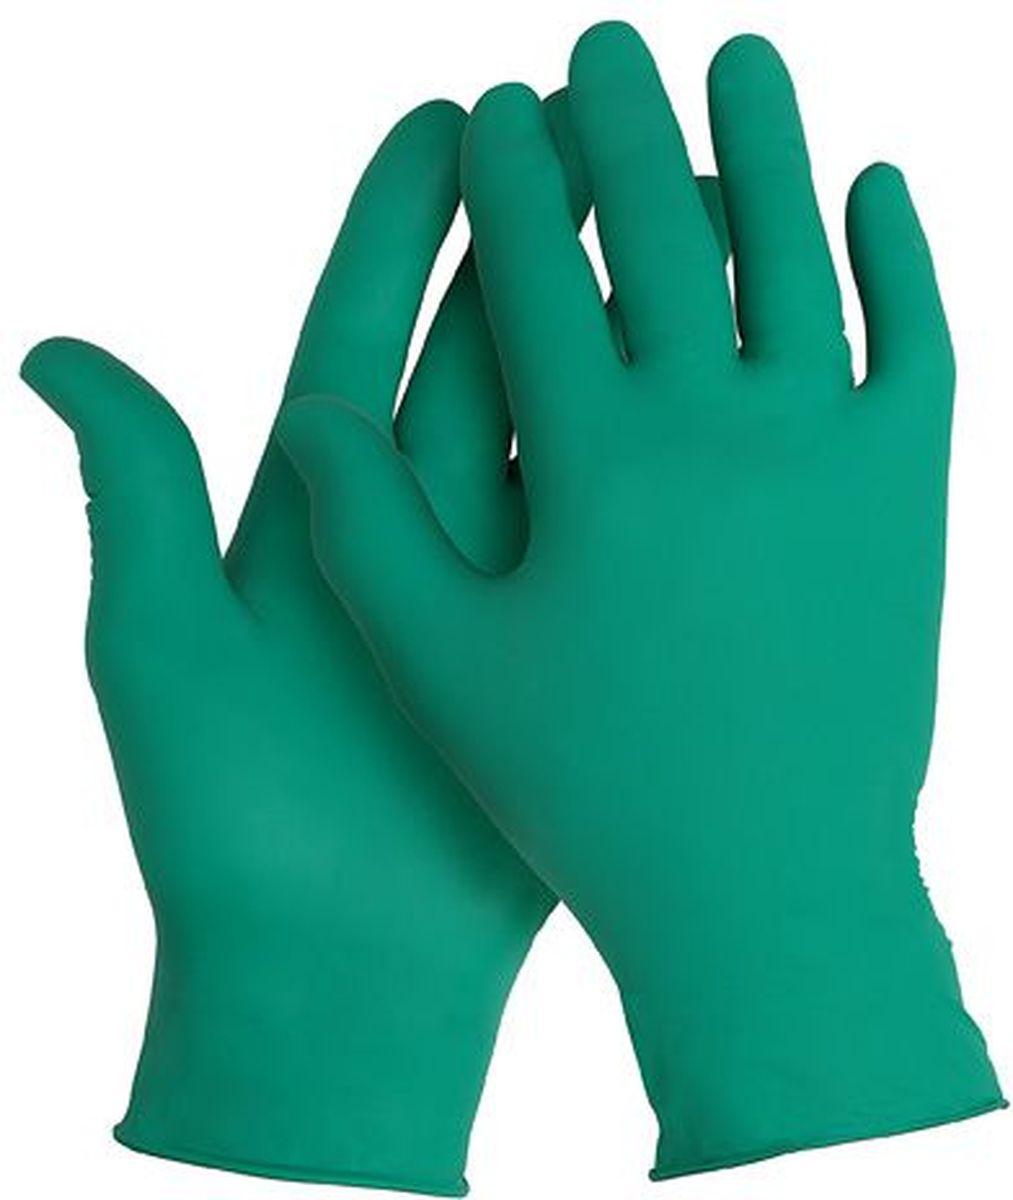 Перчатки хозяйственные Kleenguard G20, размер 9 (L), цвет: зеленый, 1250 шт4606400105459Ассортимент перчаток для защиты рук от химических веществ и механических воздействий – повышают безопасность работ и сокращают затраты. Идеальное решение, обеспечивающее защиту уровня СИЗ категории III (CE Complex) от брызг химических веществ в медицине, полиграфии, сельском хозяйстве, на участках сборки и окраски автомобилей, при выполнении аварийных работ, сборе мусора, химических разливов и утилизации отходов. Не содержат латекс и присыпок. Прочные и эргономичные перчатки с высокой тактильной чувствительностью. Могут быть использованы в пищевой промышленности или HoReCa.Формат поставки: сверхтонкие перчатки с универсальным дизайном для обеих рук; не содержат присыпку и латекс; усиленная манжета для дополнительной прочности, рельефная поверхность пальцев для лучшего захвата; широкий ассортимент размеров – от XS до XL – обеспечивает комфортное ношение.Размеры:90090 - XS (6)90091 - S (7)90092 - M (8)90093 - L (9)